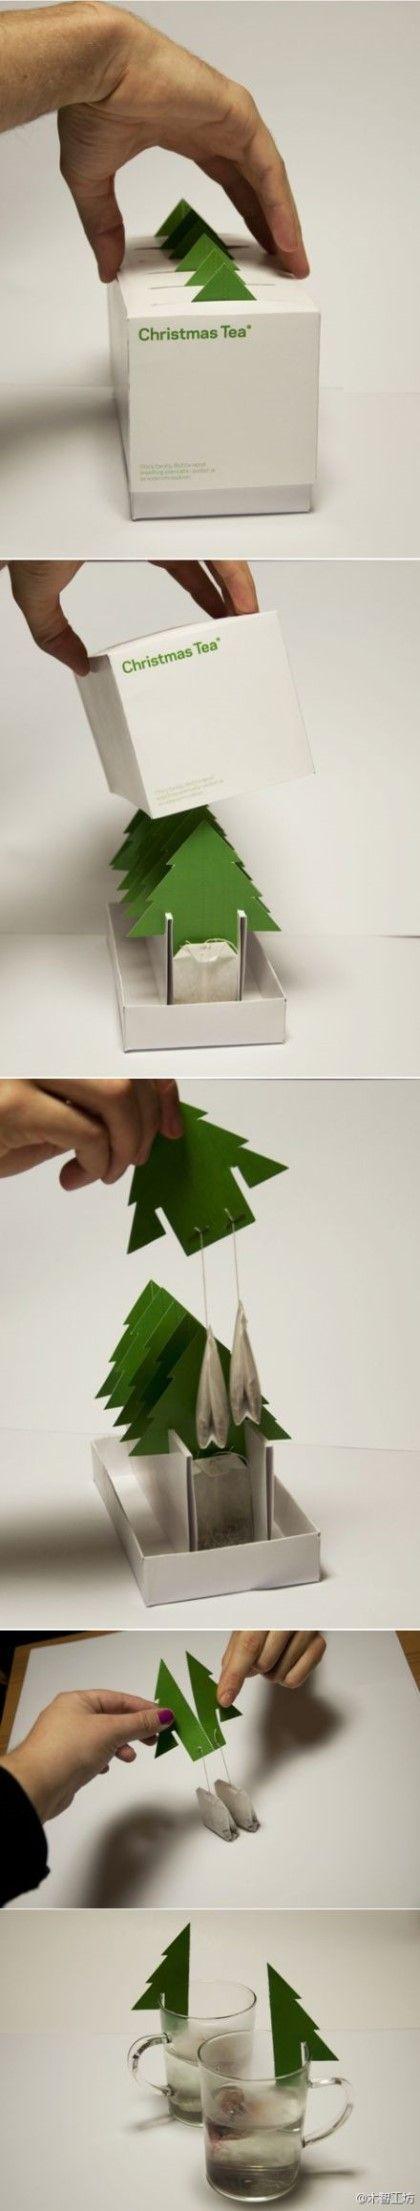 곧 크리스마스니까. 특별한 크리스마스 패키지 디자인, christmas packaging design : 네이버 블로그